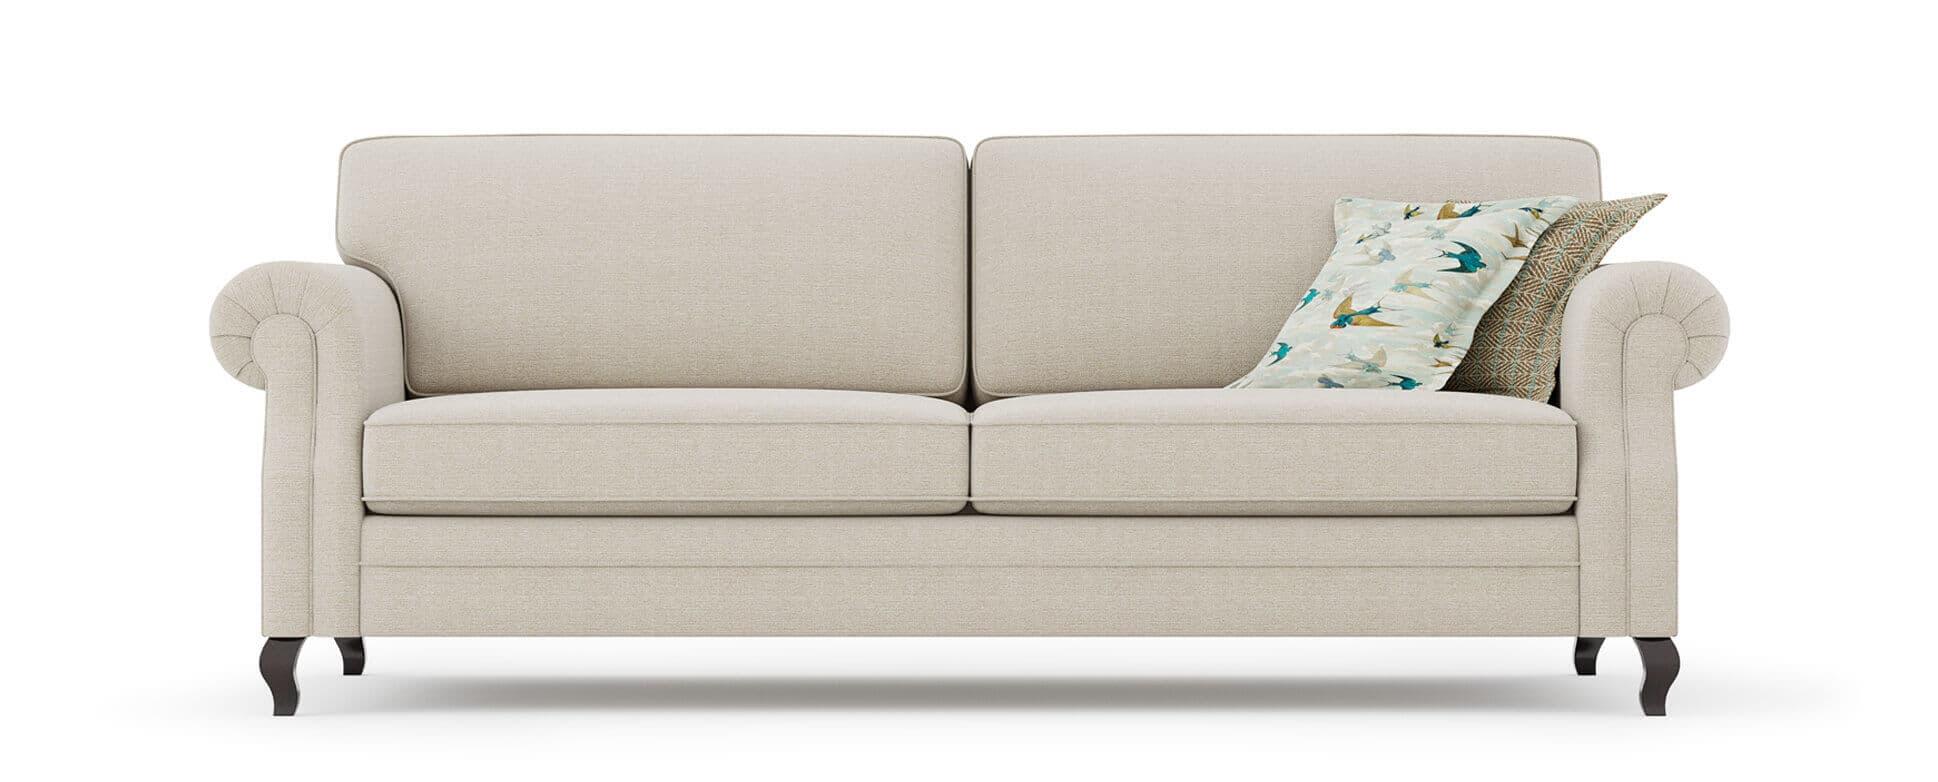 Как выбрать удобный диван?